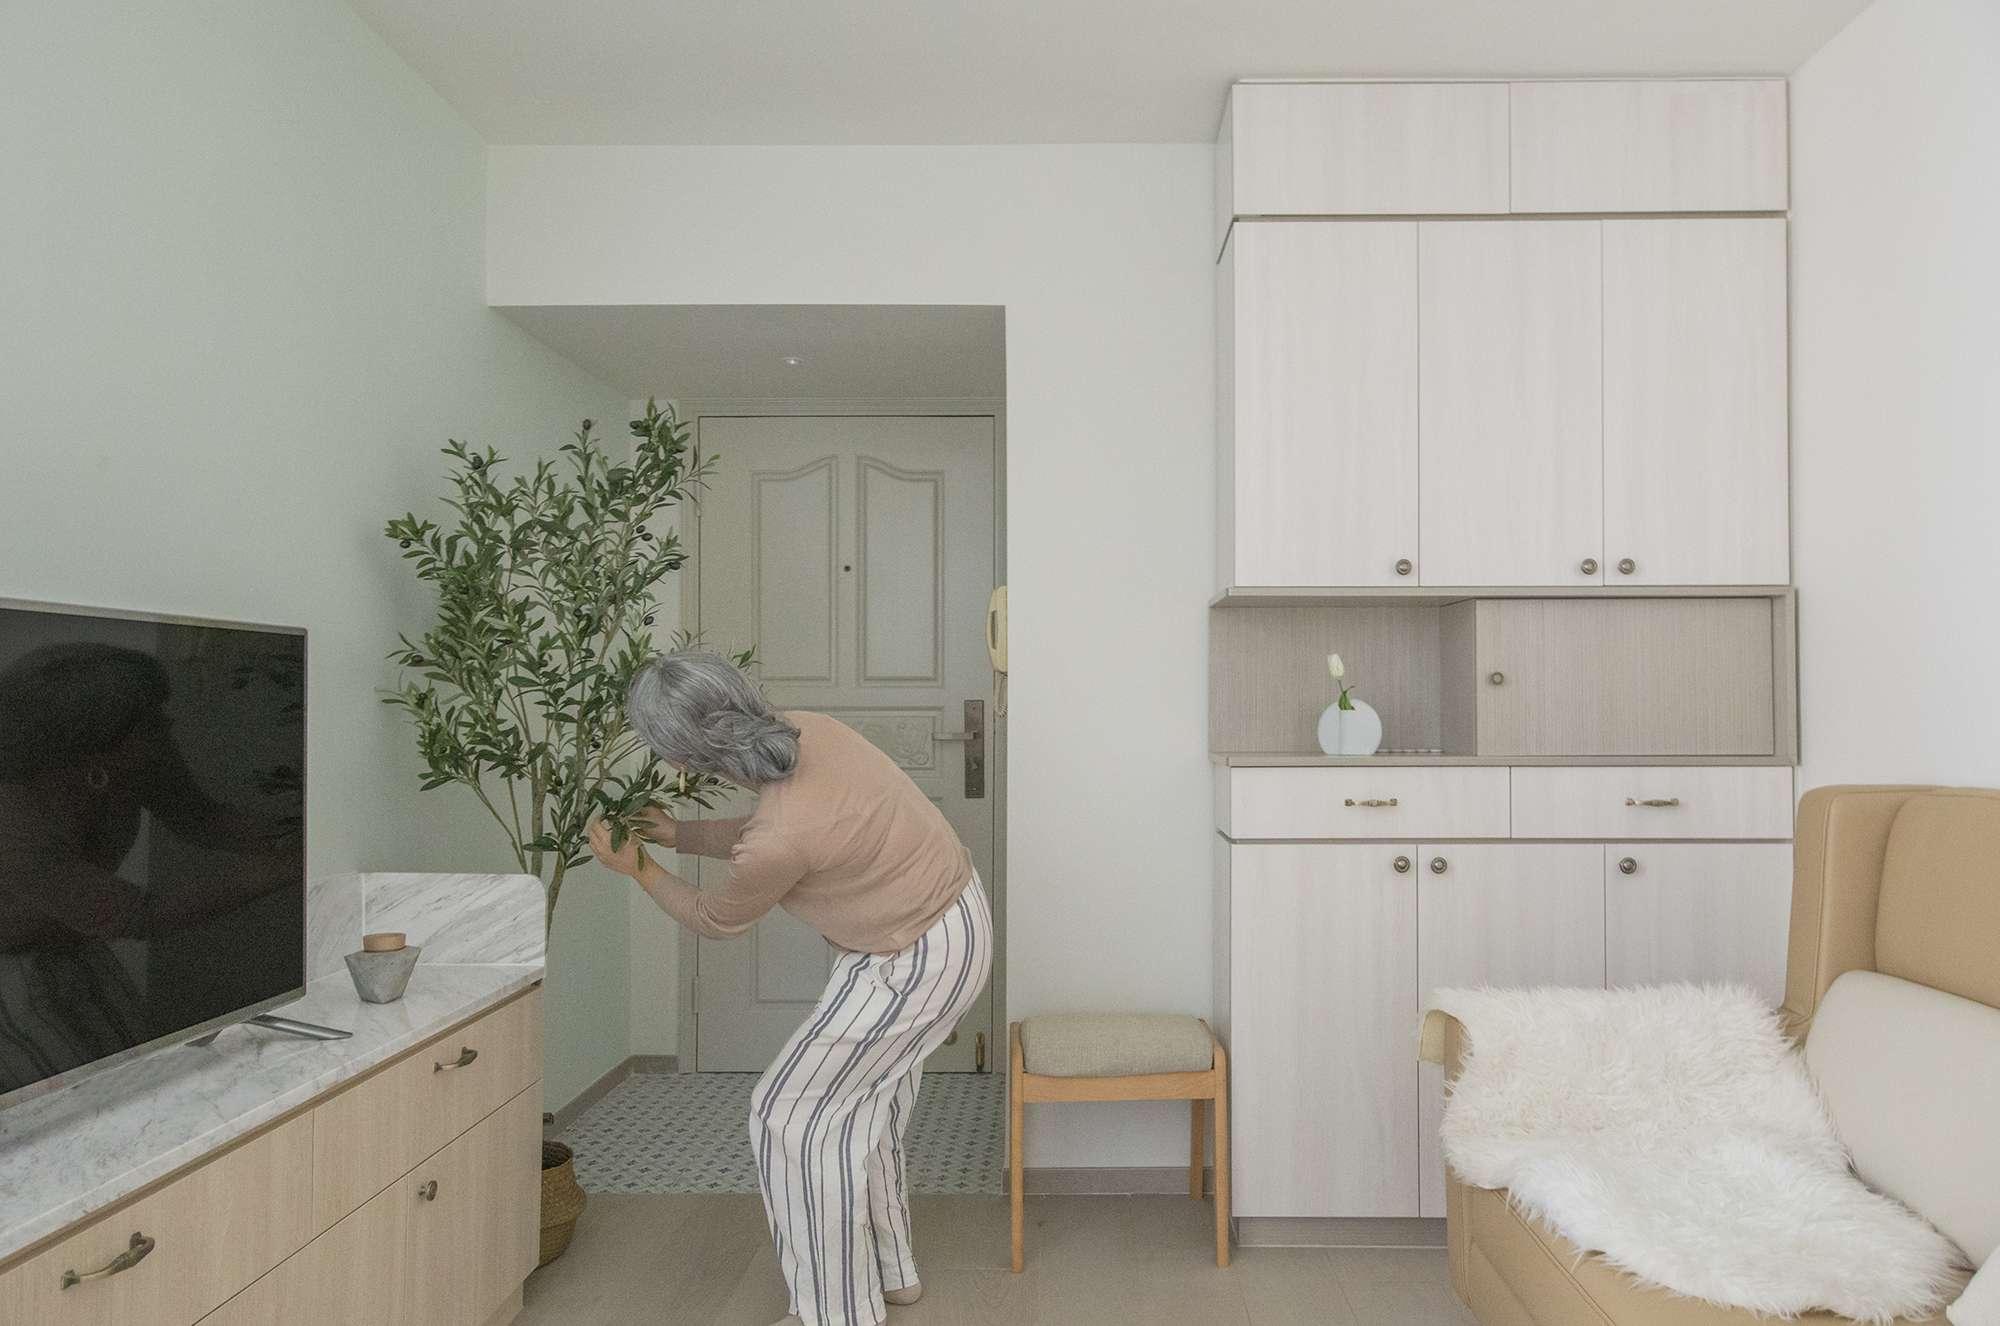 Floral Aged House apartment renovation by Sim-Plex Design Studio entrance